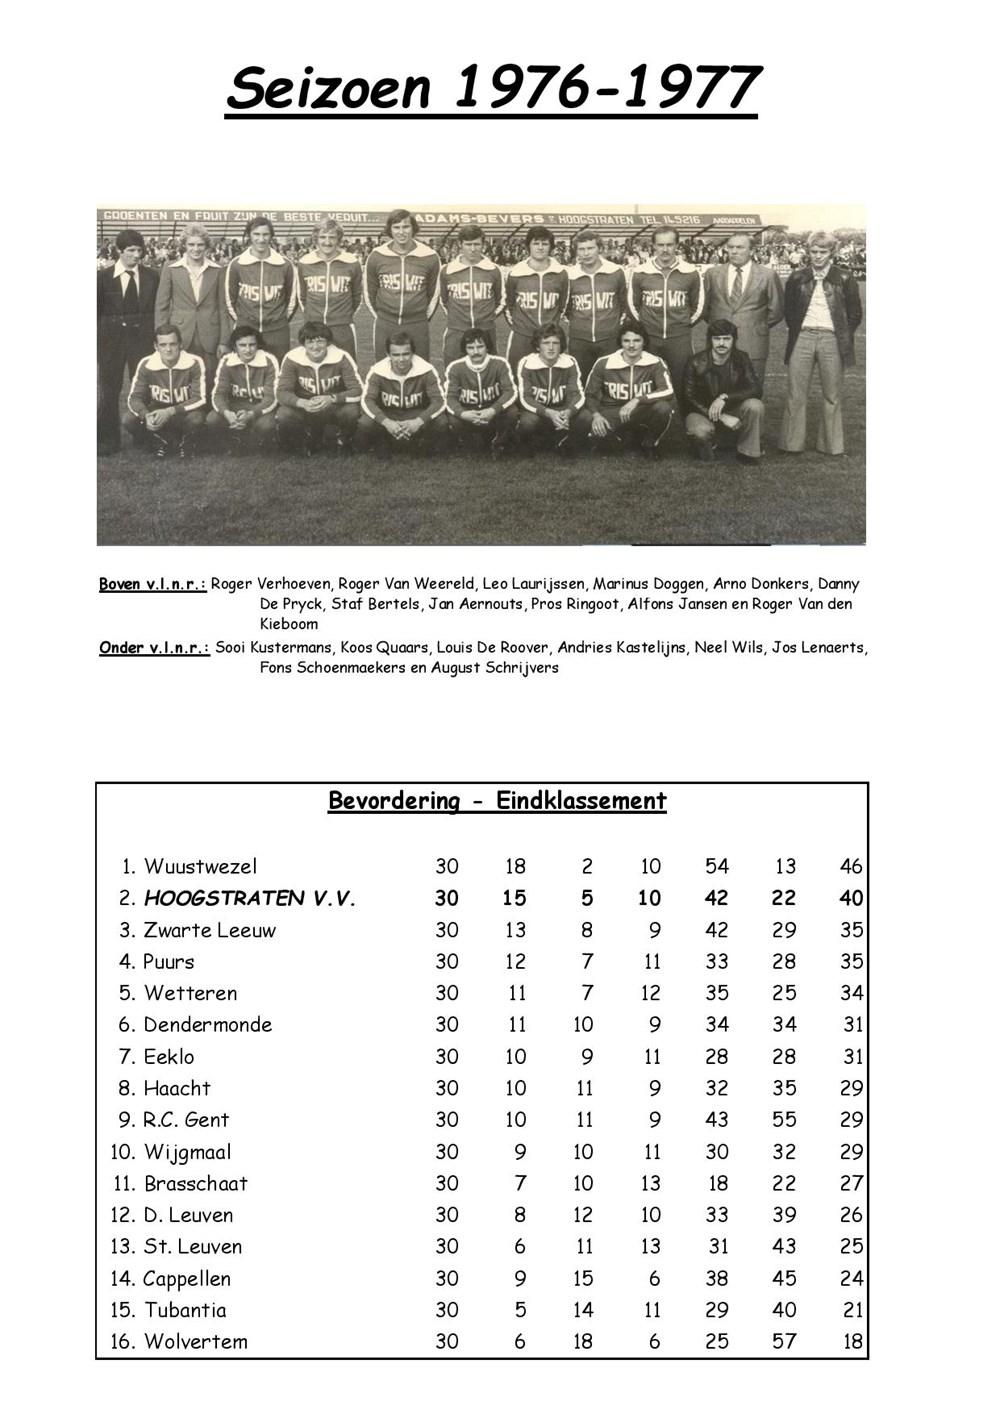 seizoen_1976-1977-page-001.jpg